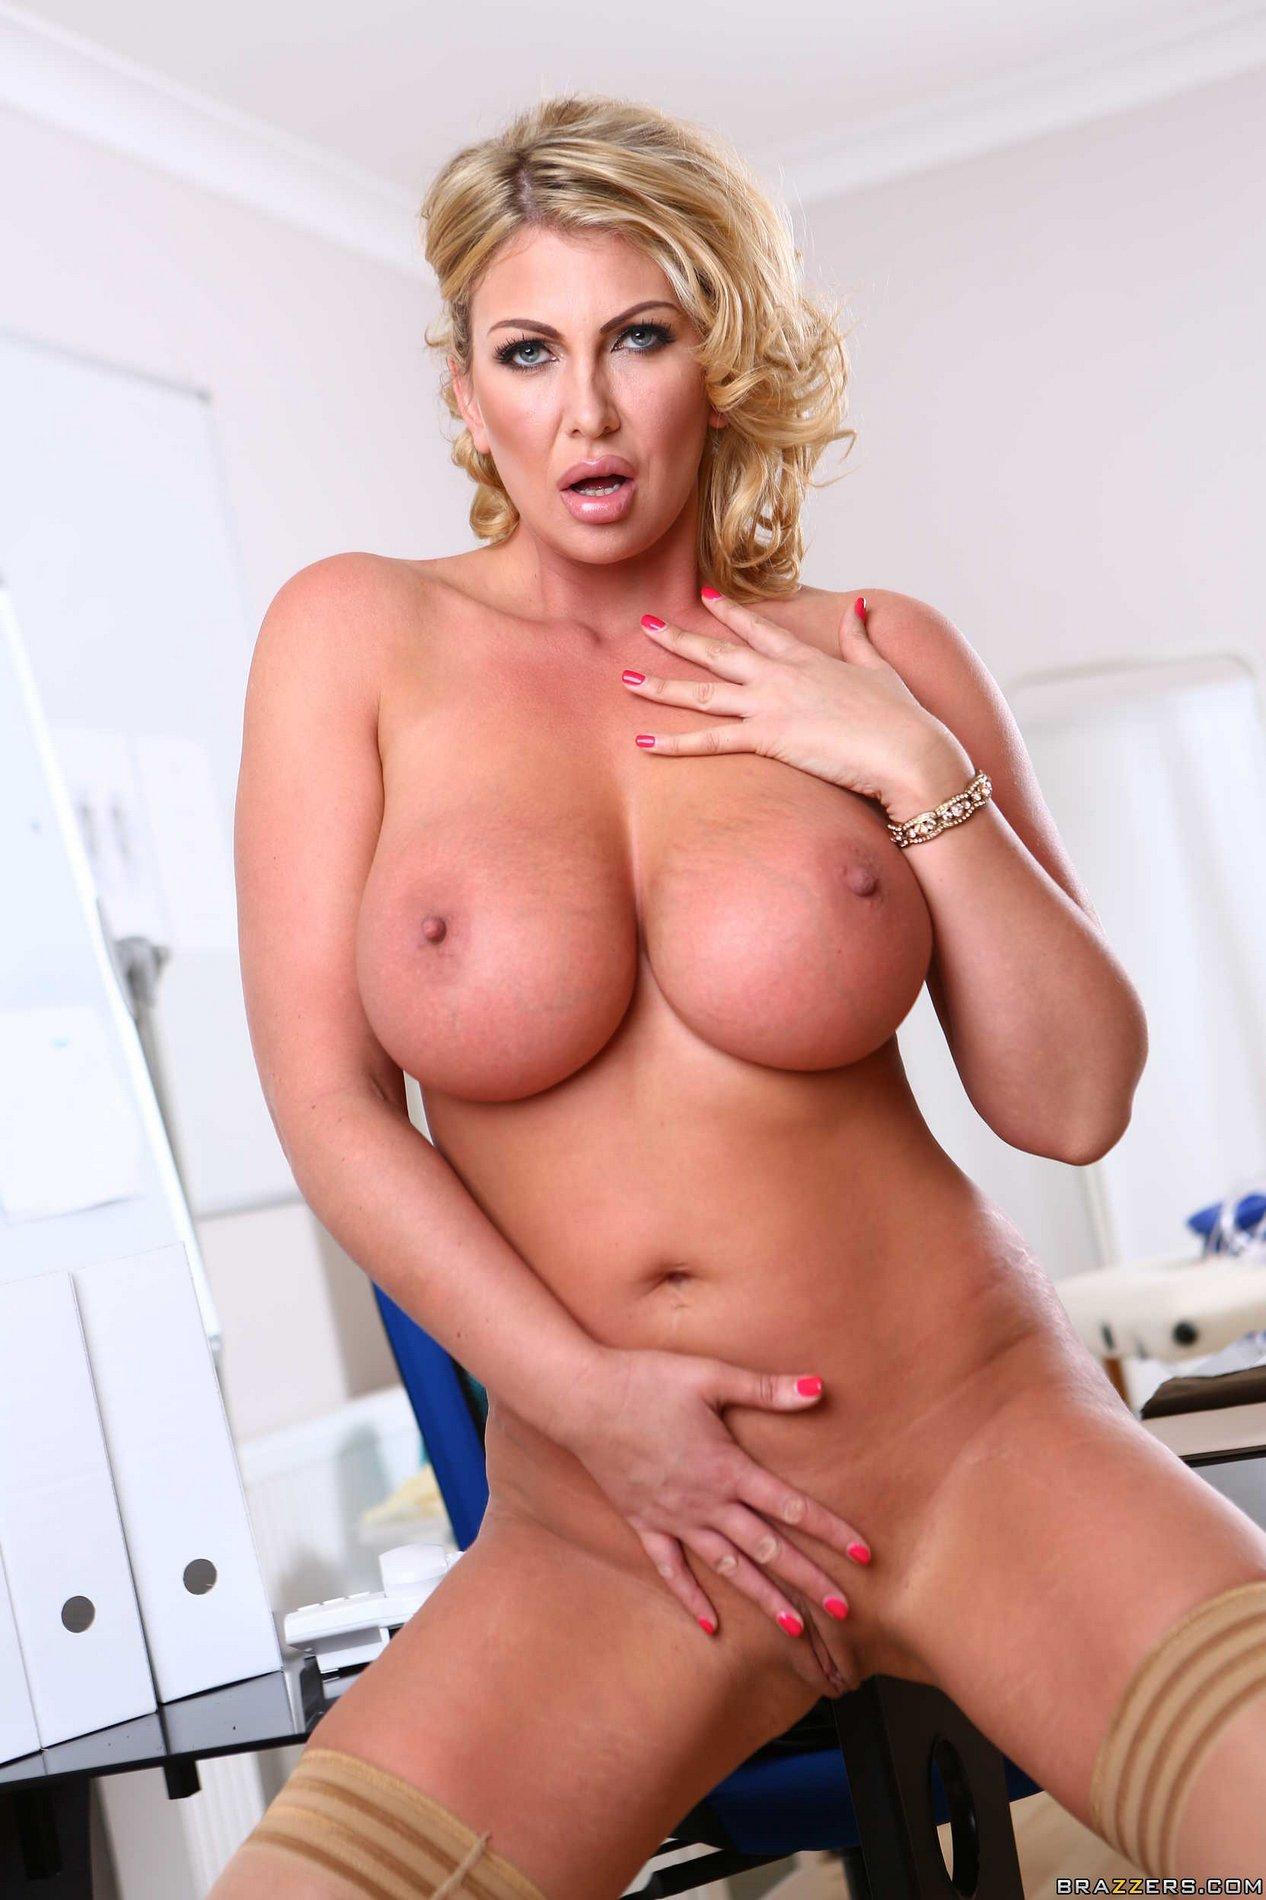 Darby daniels nude #13